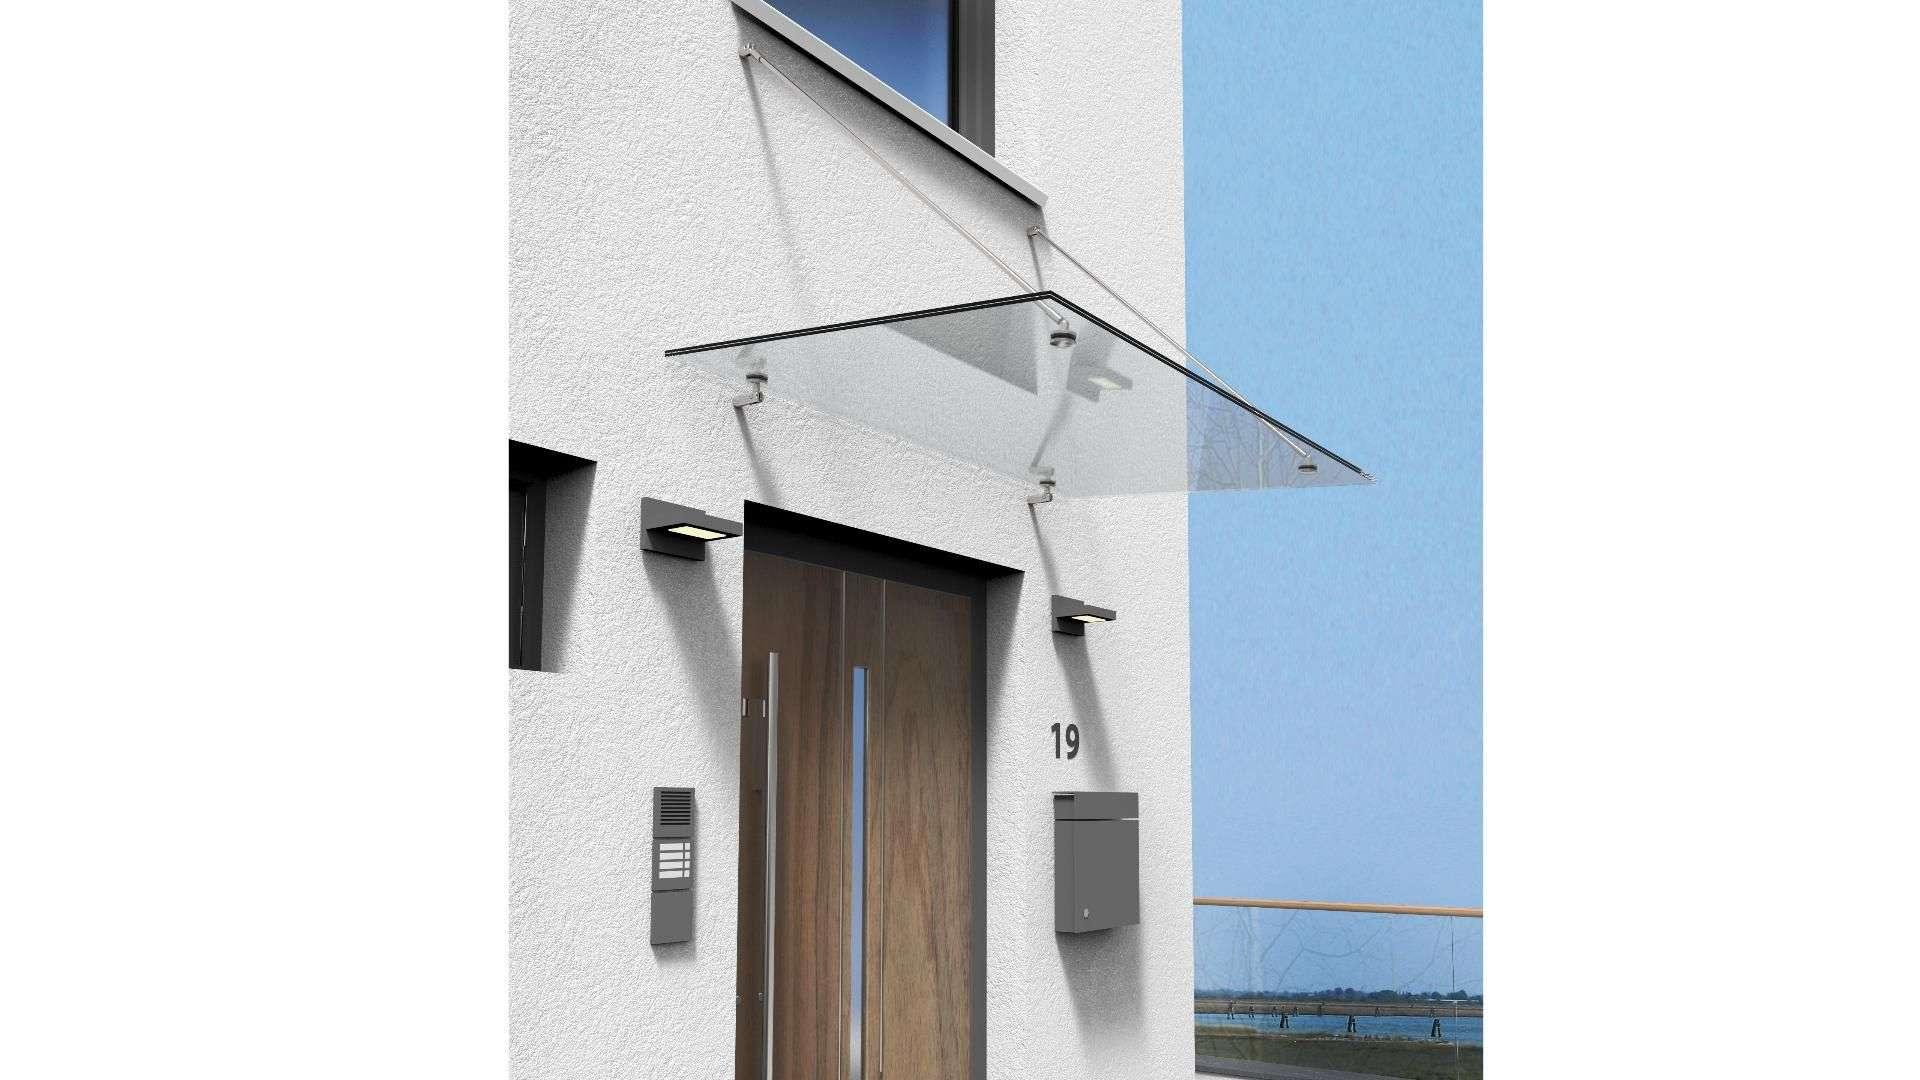 Vordach Typ Z 08 aus Glas über einer Haustür